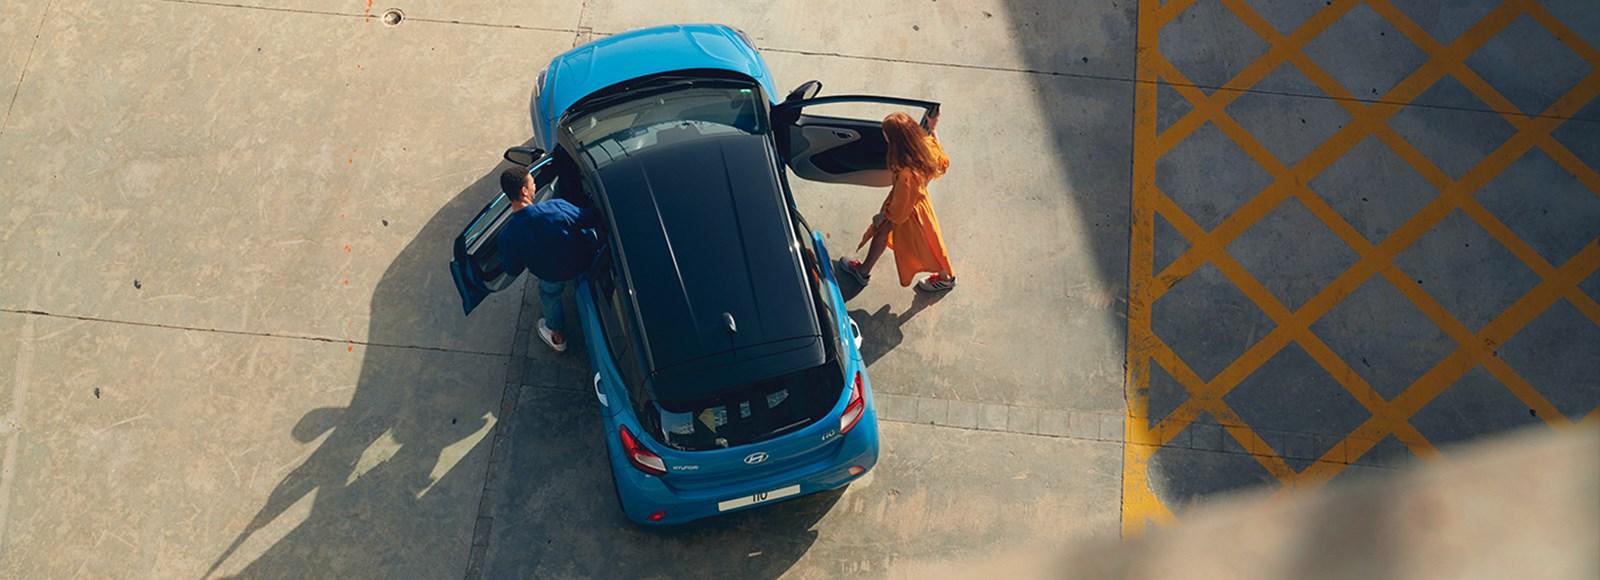 Hyundai i10 Freestyle Moll Vela 1519 ret